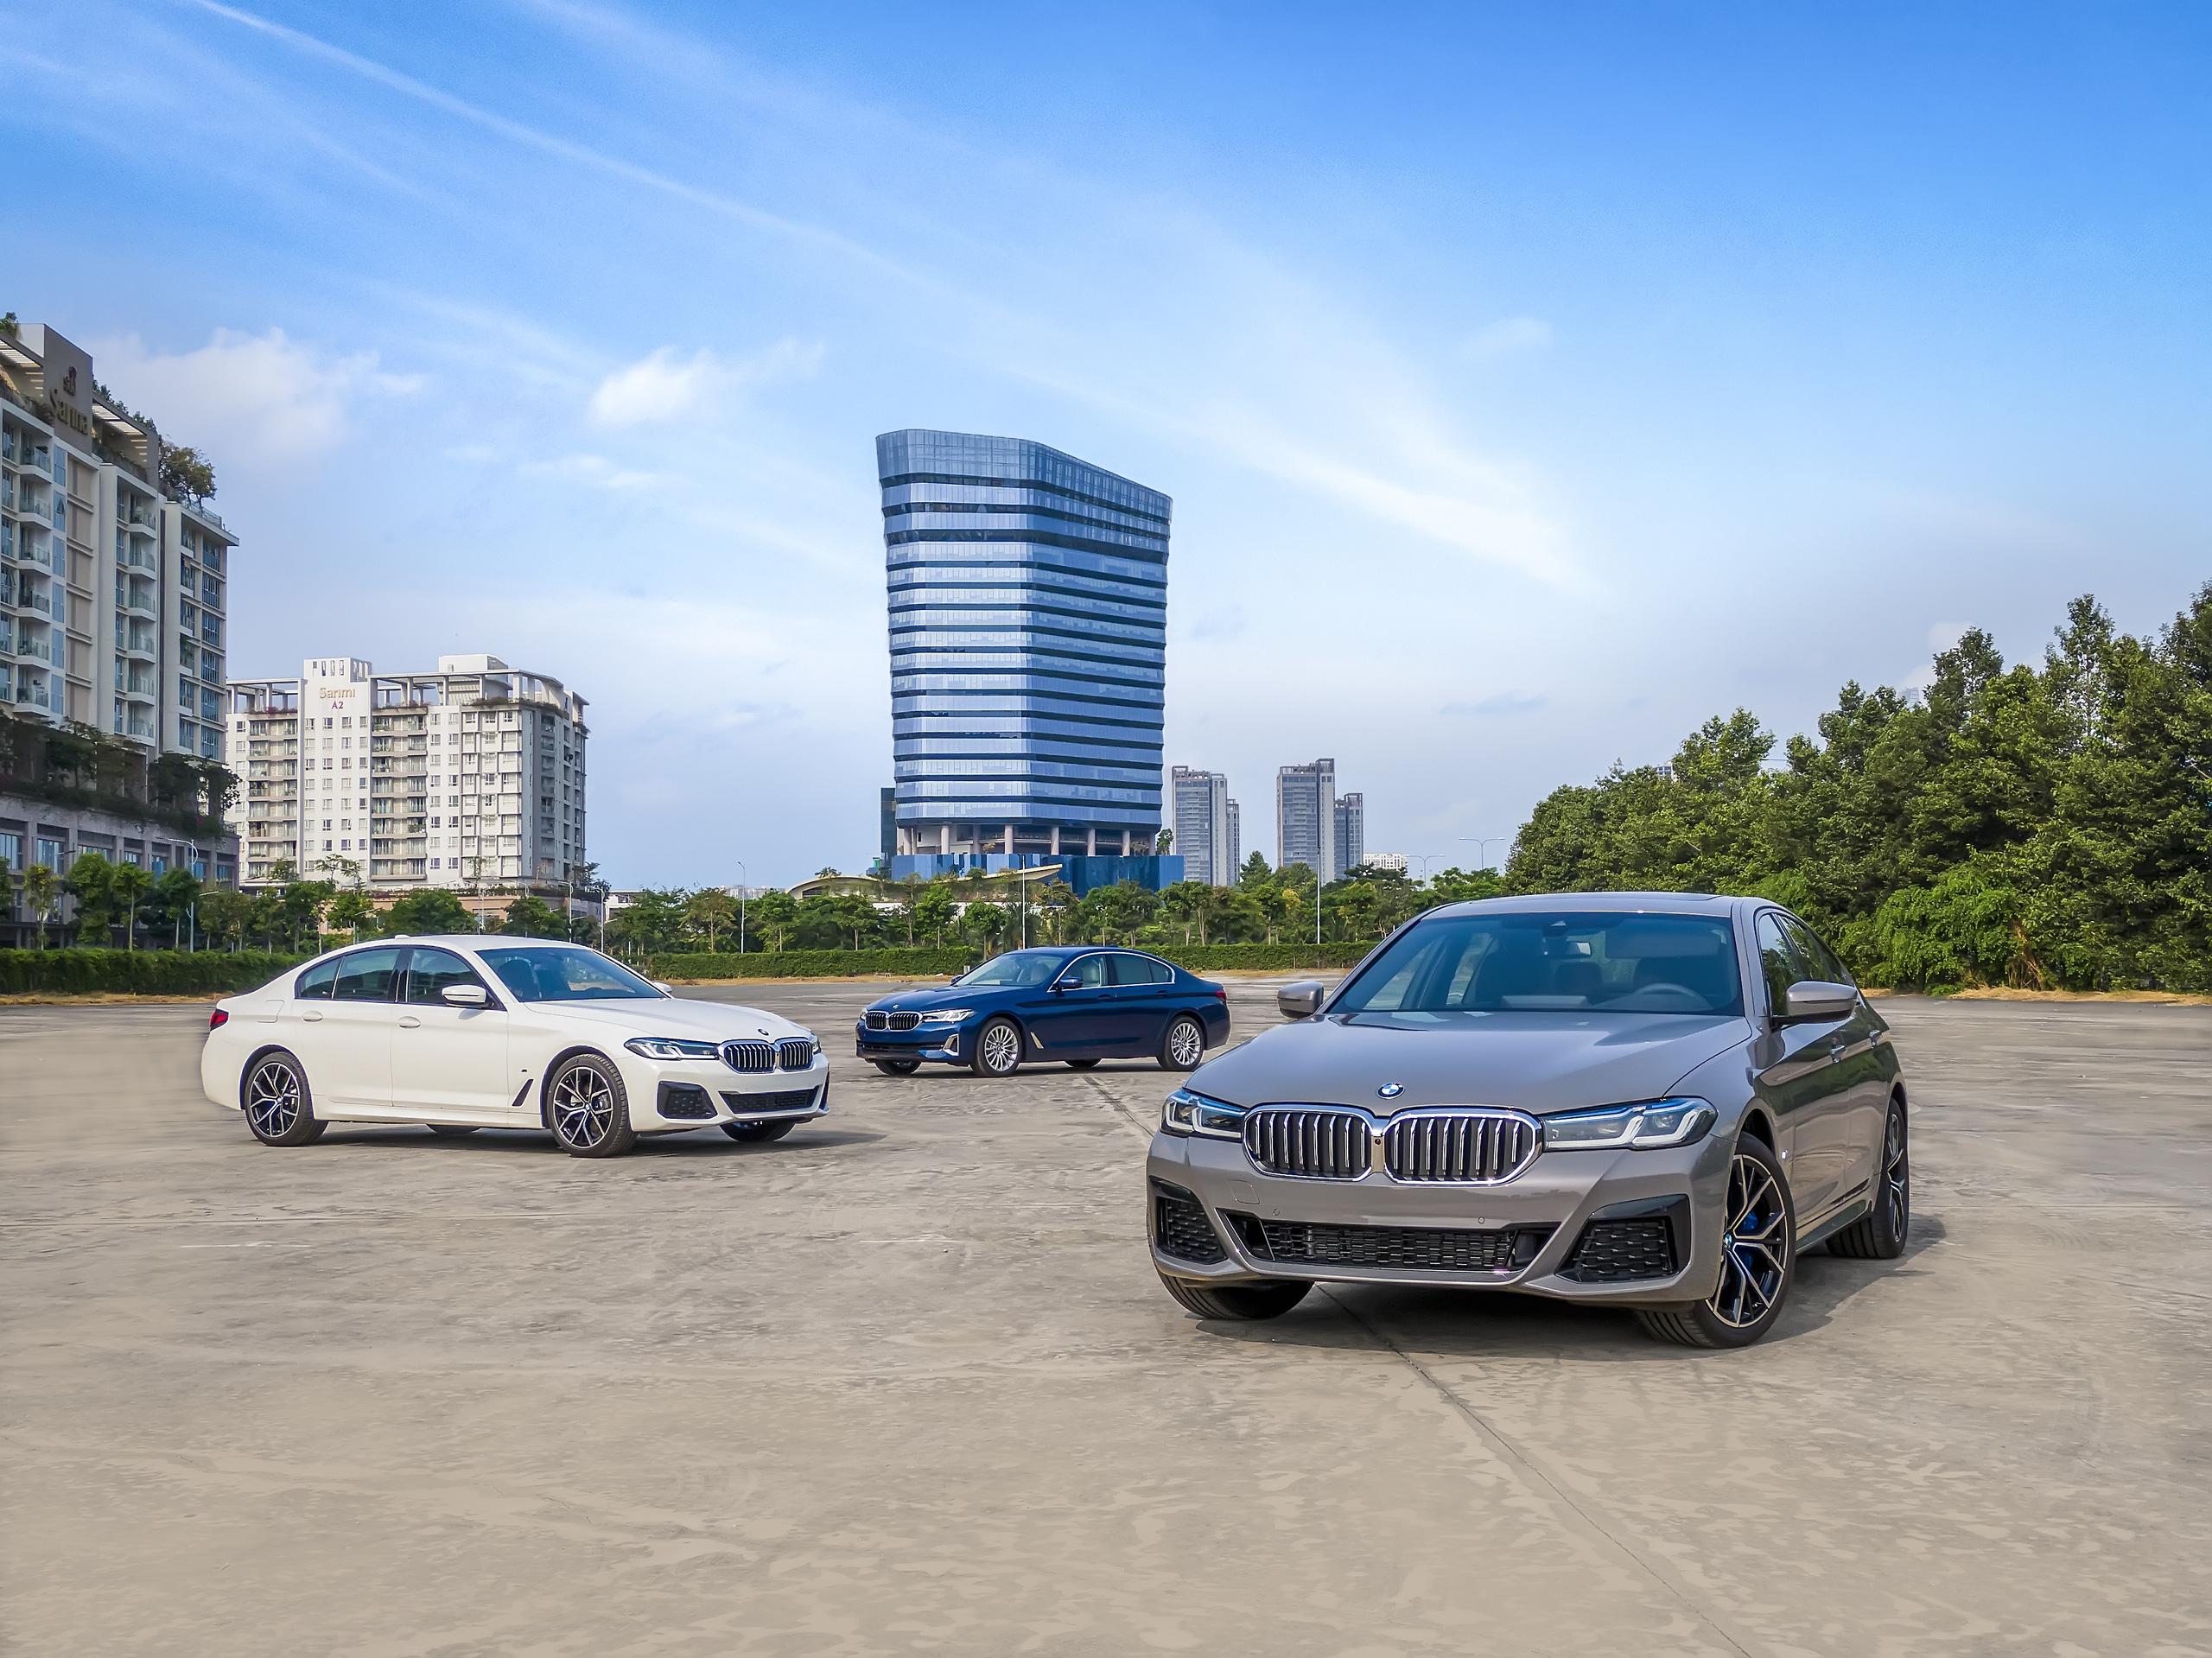 Bộ ba phiên bản BMW 5 series tại Việt Nam - Ảnh 1.